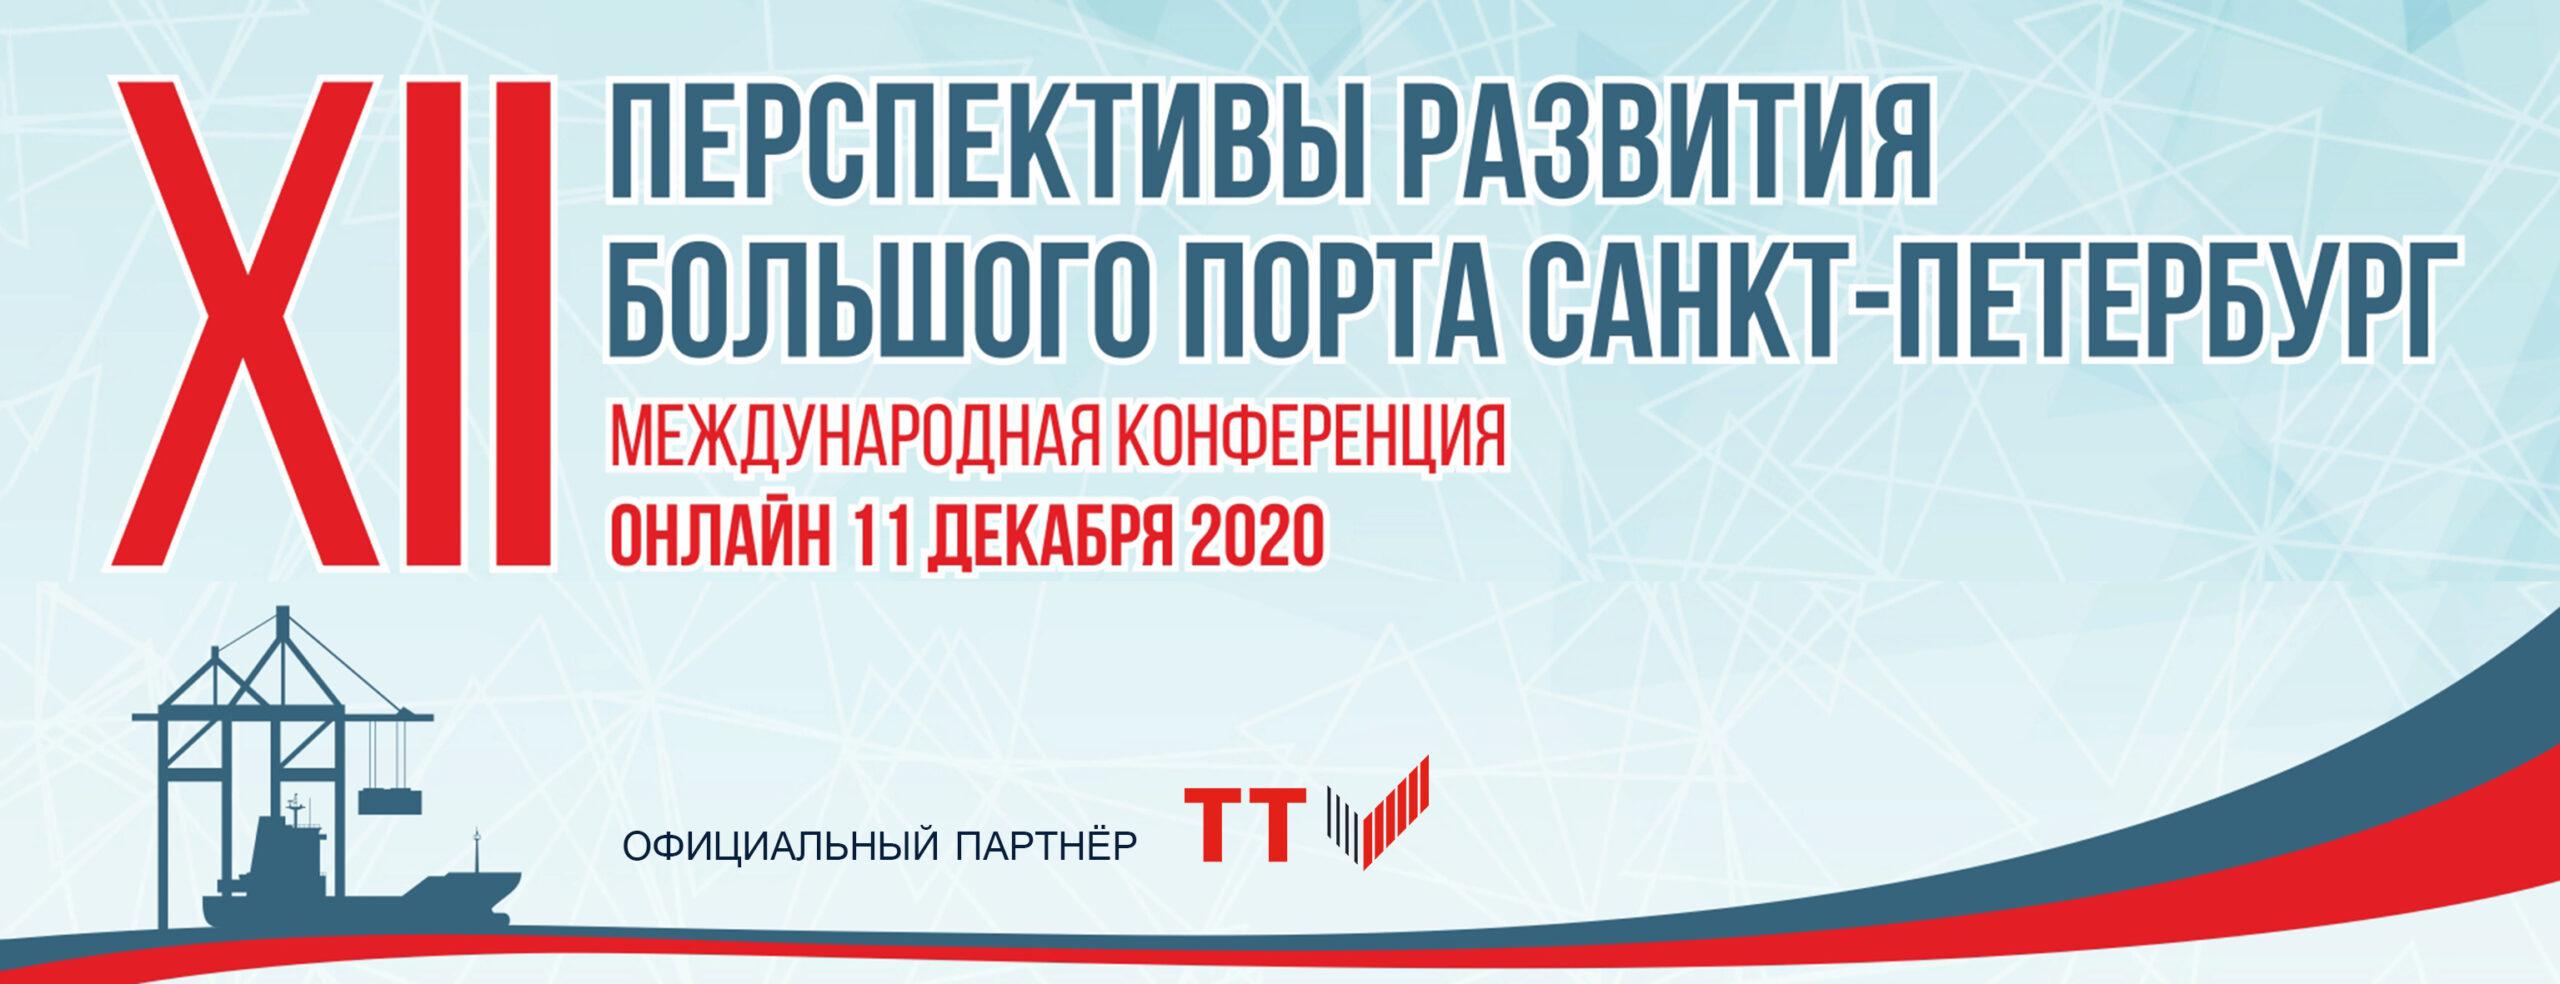 ТТ Клуб – партнёр конференции «Перспективы развития Большого порта Санкт-Петербург»